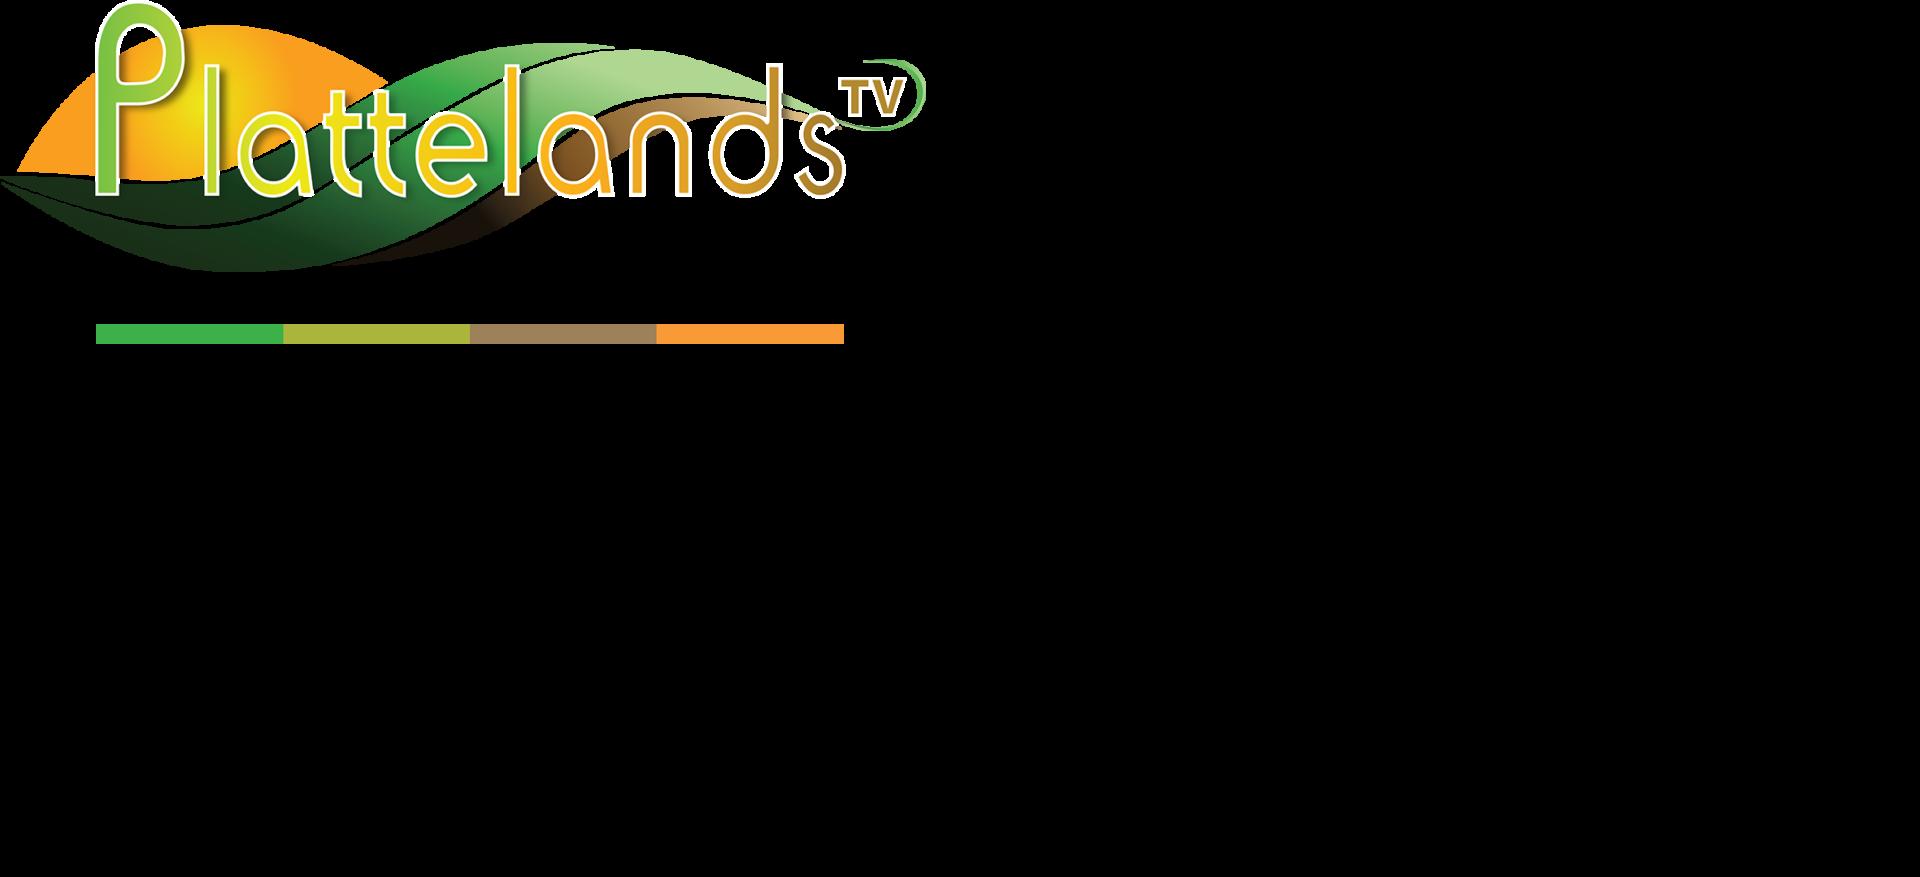 Transfer Plattelands TV